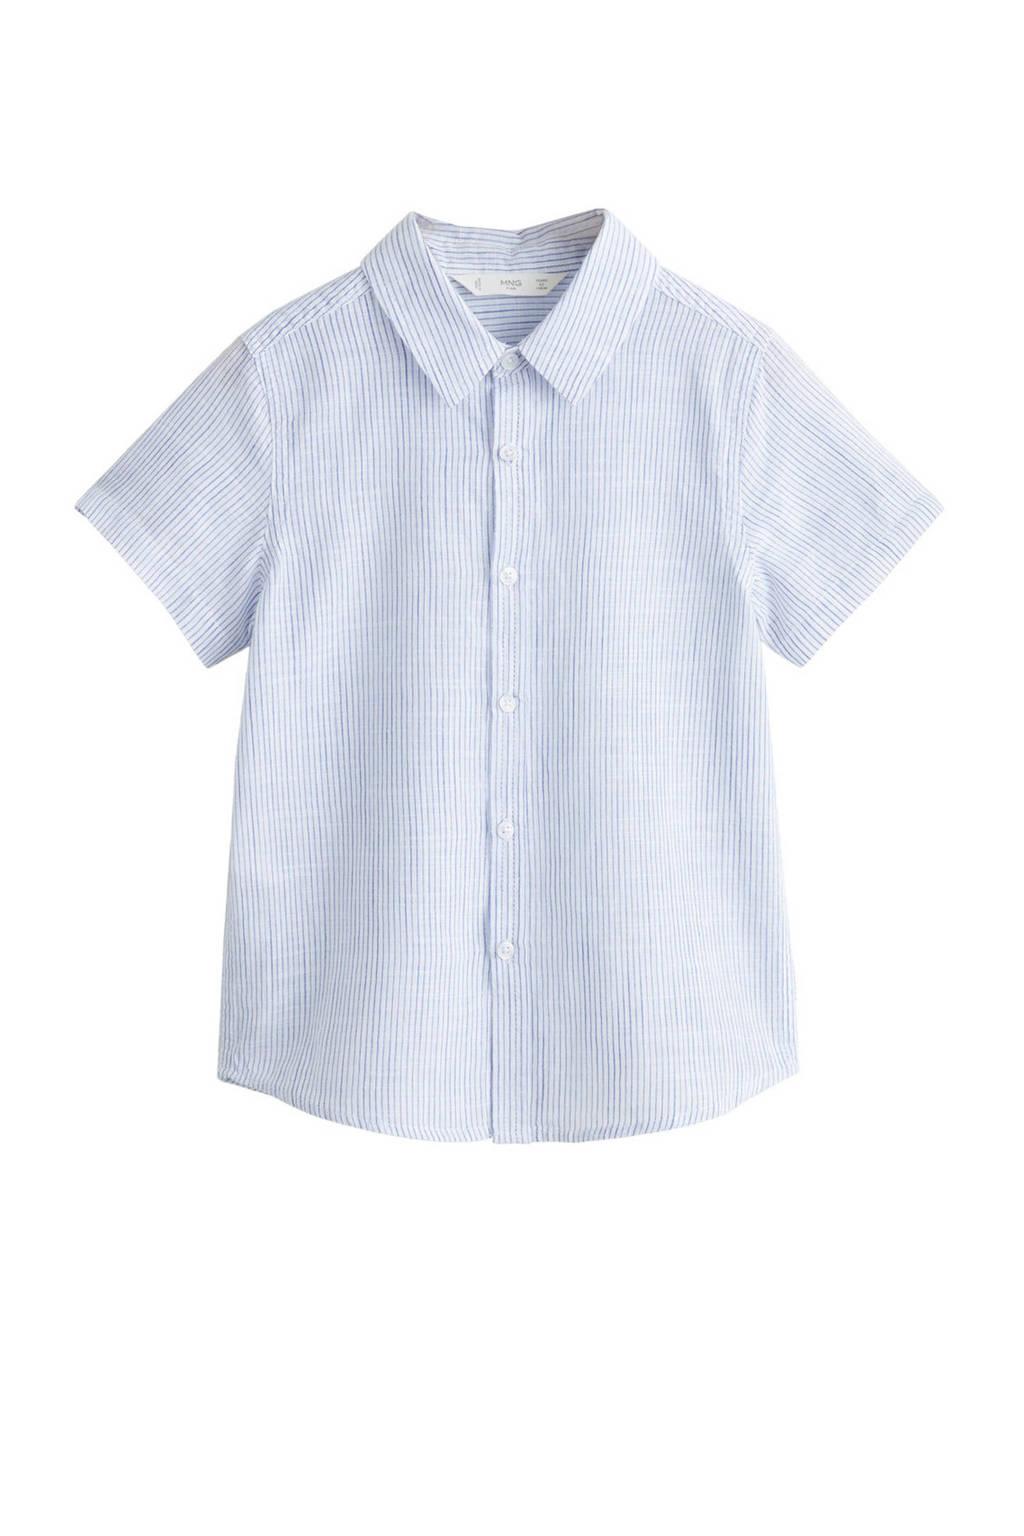 Mango Kids gestreept overhemd wit/blauw, Wit/blauw